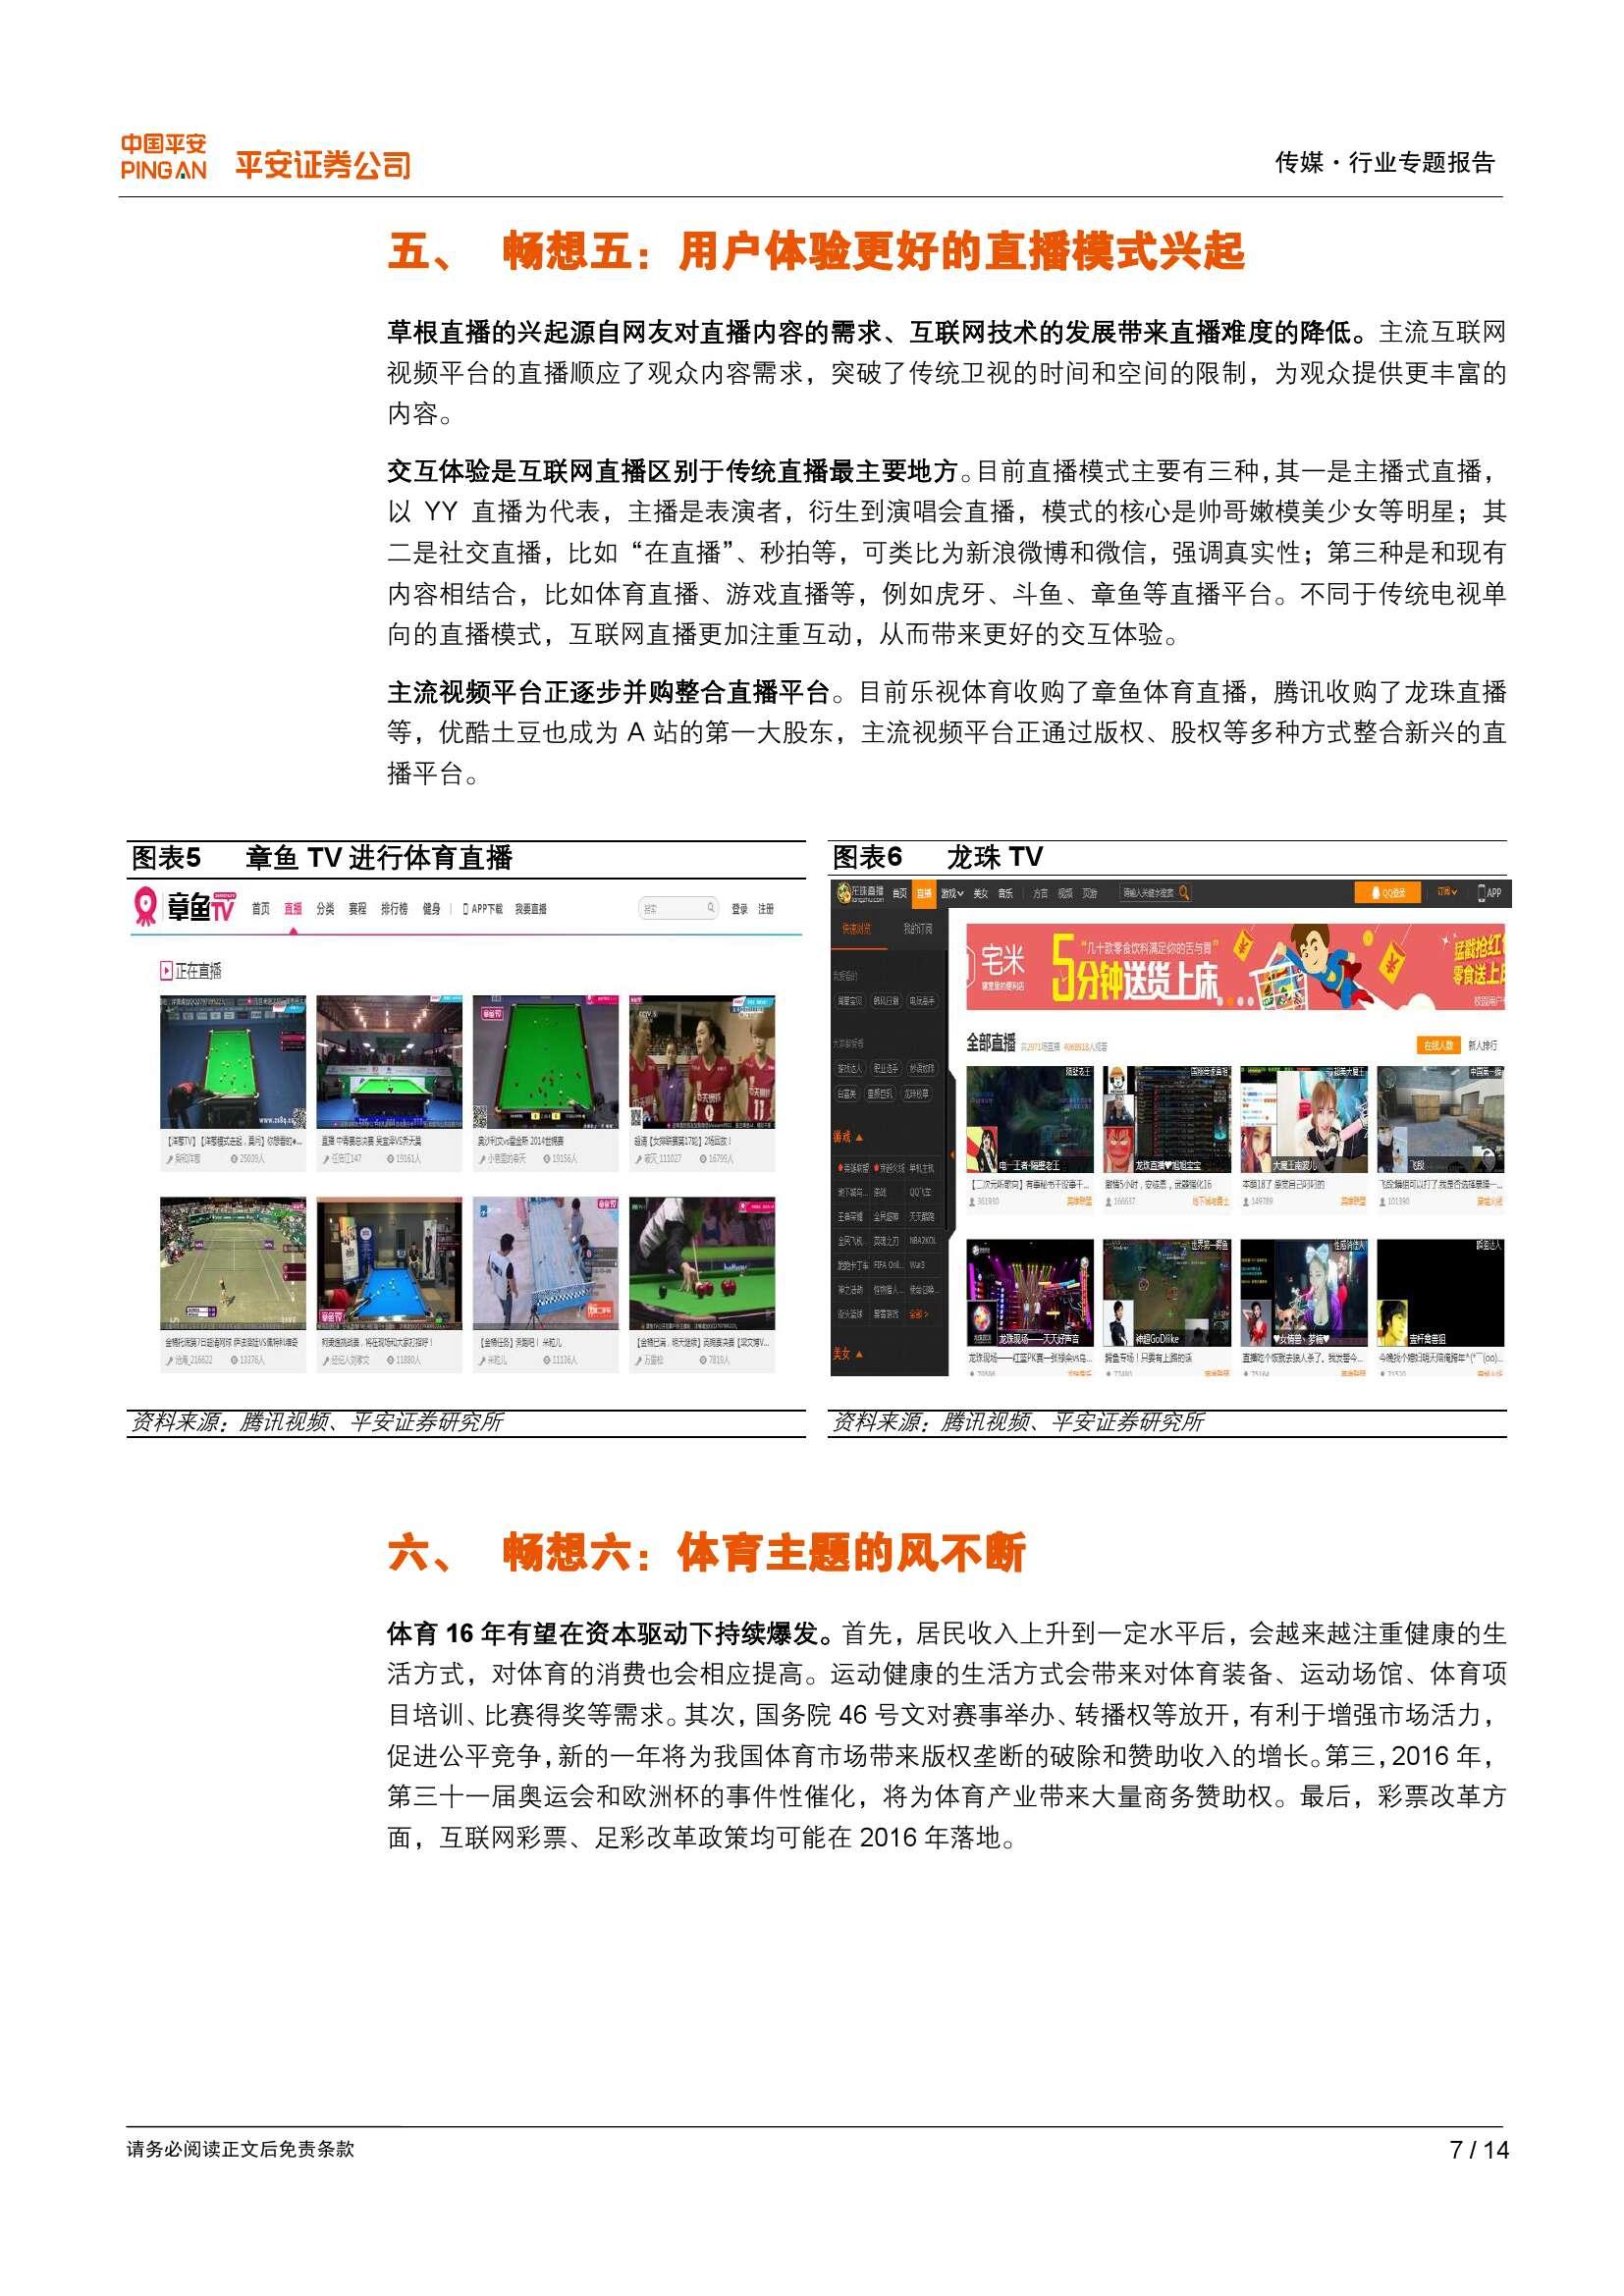 2016年传媒行业10大畅想_000007